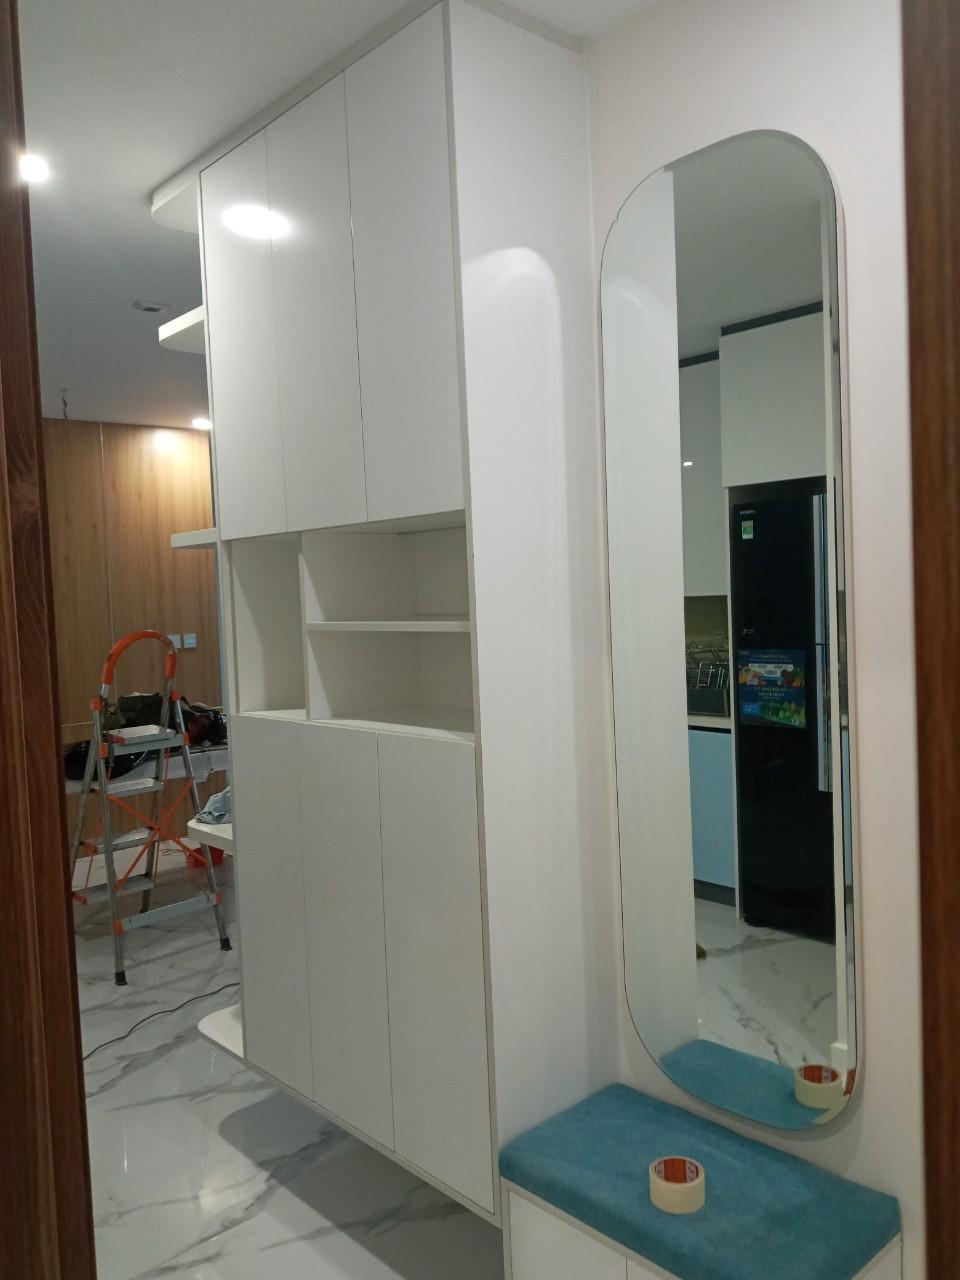 Khu vực từ cửa ra vào có đặt một chiếc gương